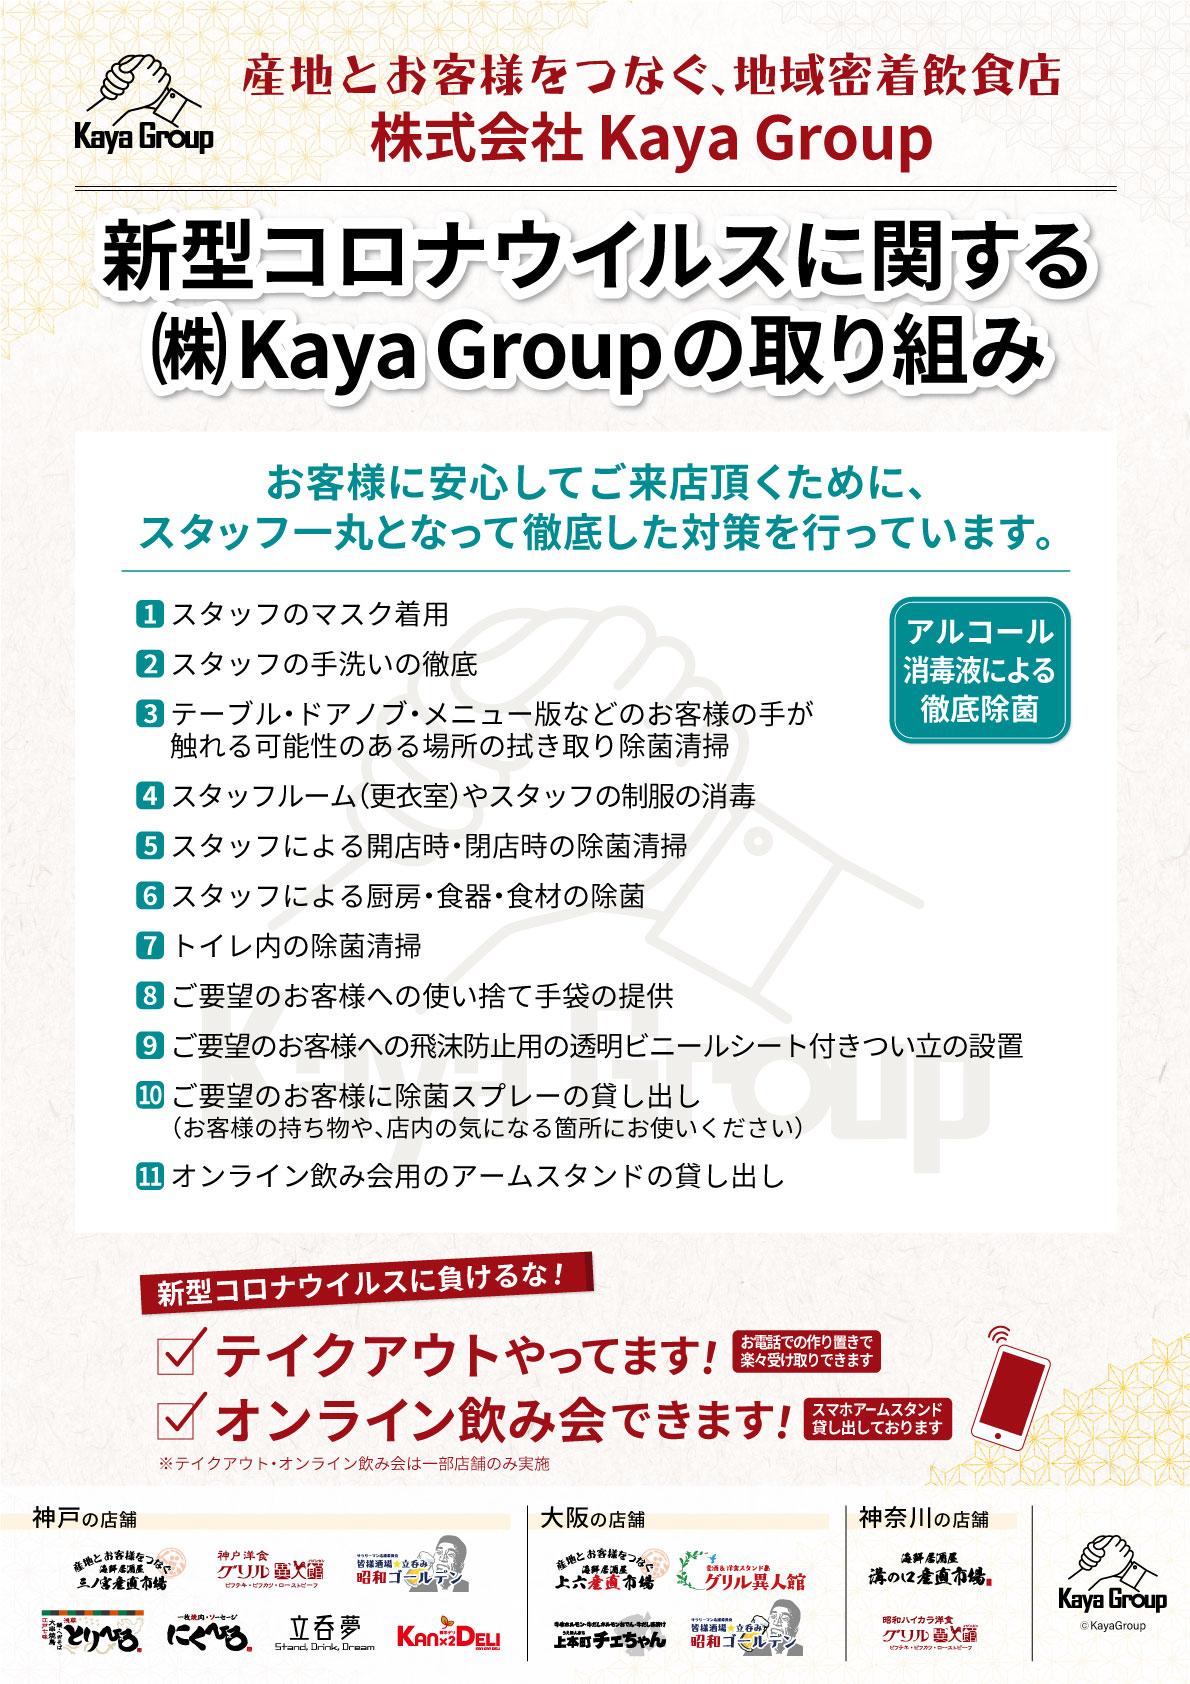 新型コロナウイルスに関する(株)Kaya Groupの取り組み